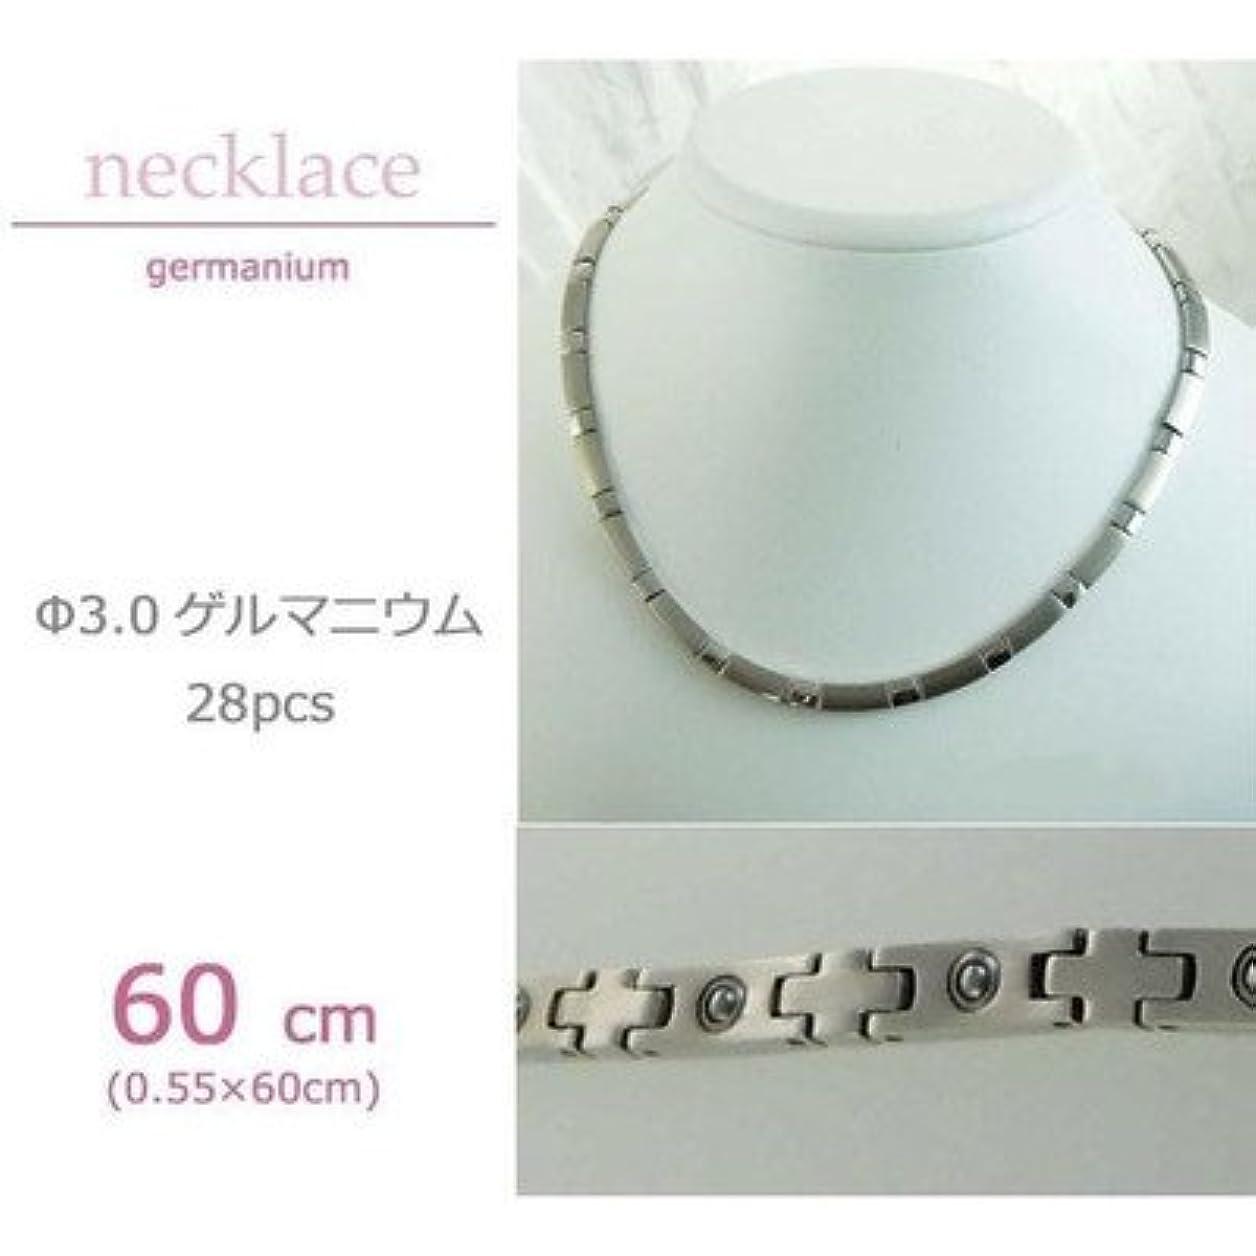 リブ柔らかい足活発MARE(マーレ) ゲルマニウムネックレス PT/IP ミラー/マット 175 0.55cm×60cm NTH1808-02